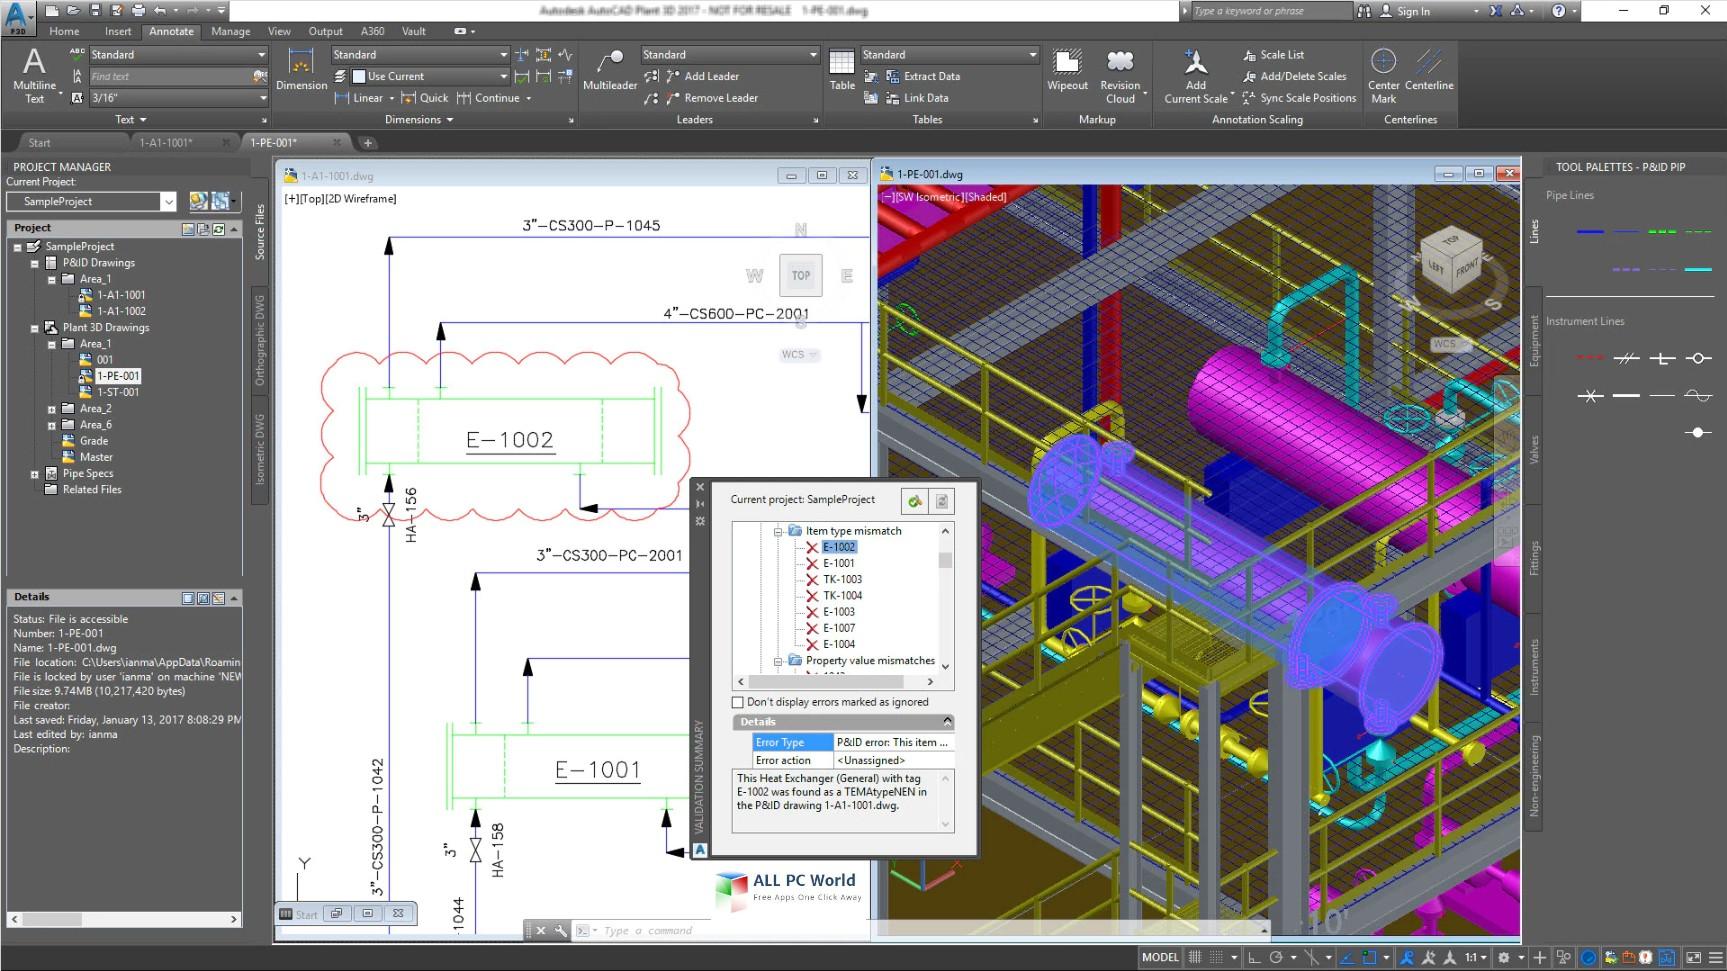 AutoCAD Plant 3D 2019 Free Download